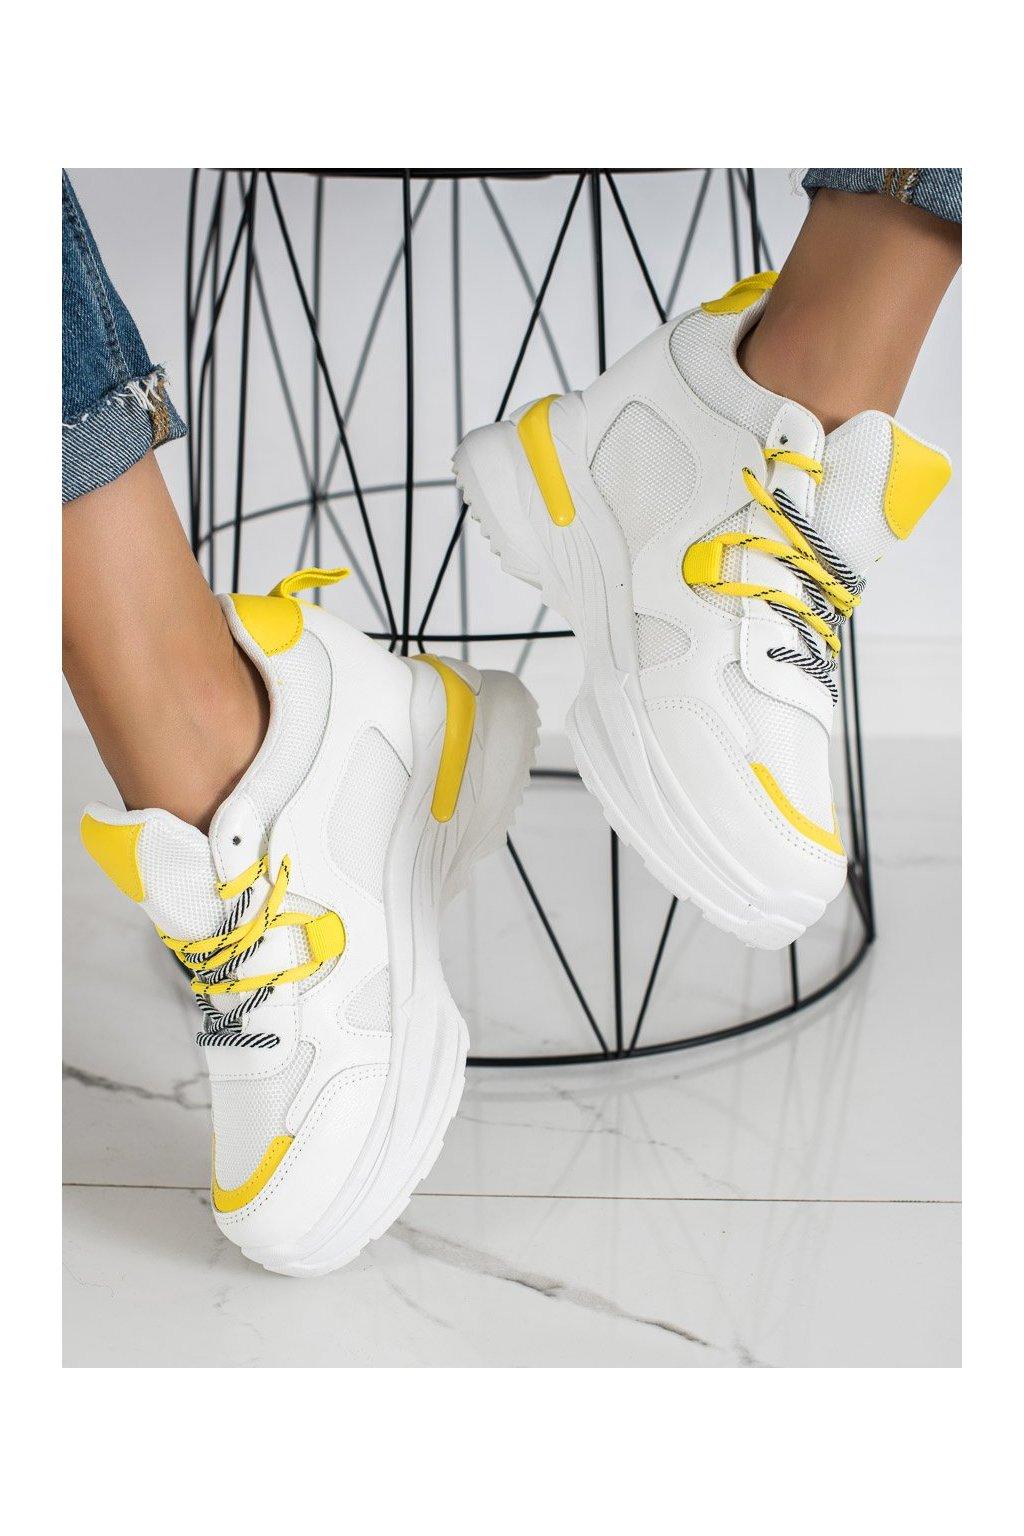 Biele dámske tenisky Trendi kod YD0190-01Y